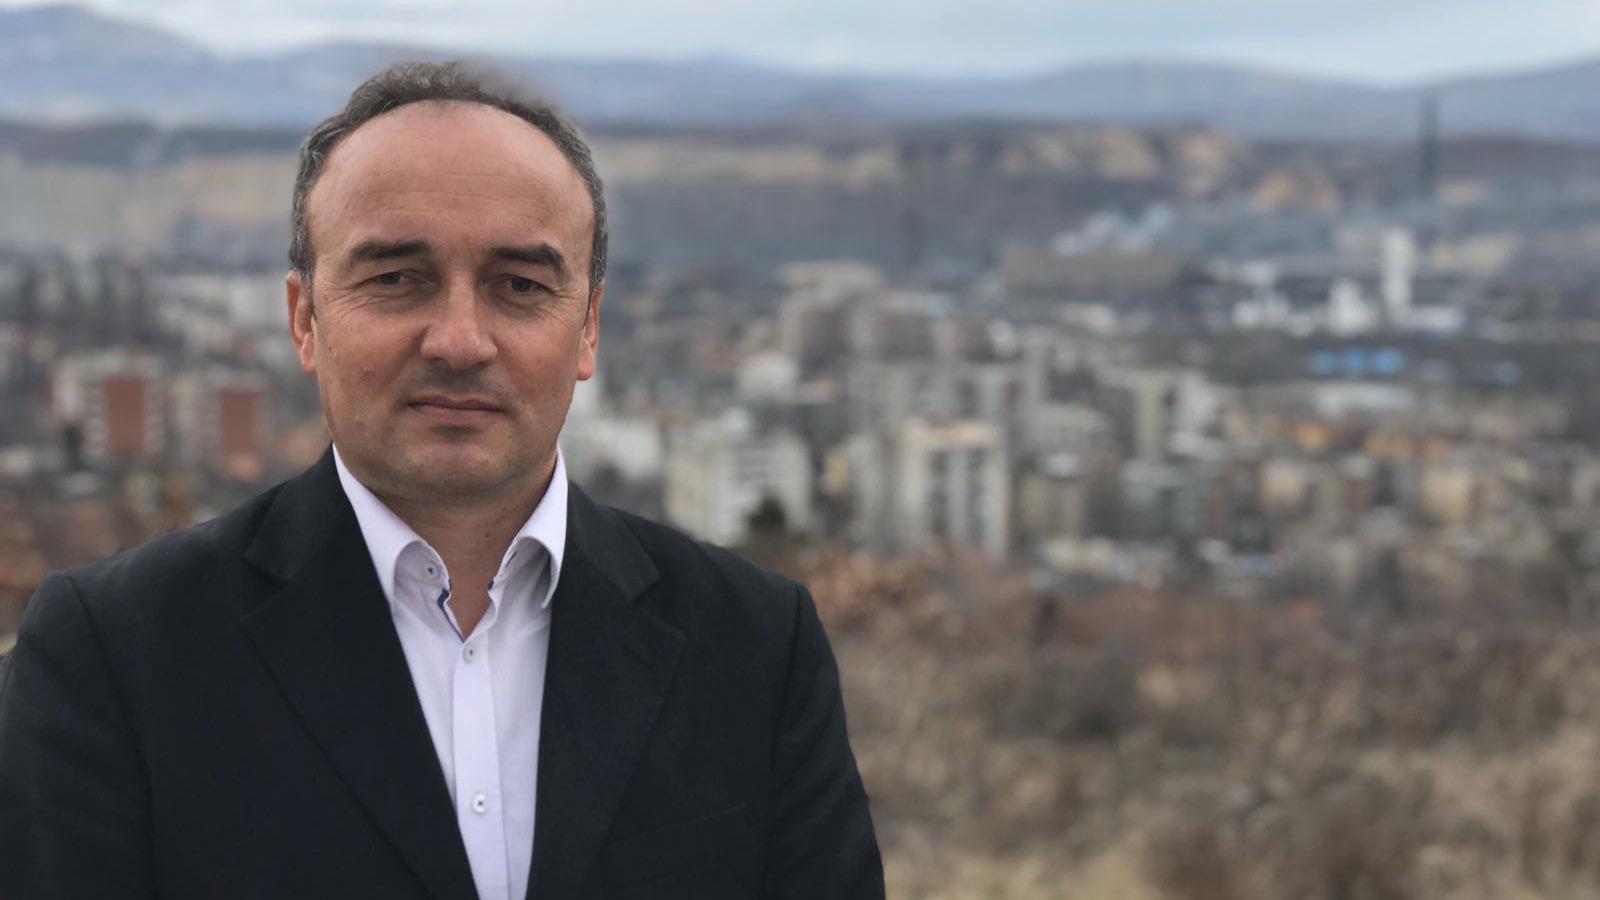 Драган Марковић: Загађење је алармантно, а власт по обичају ћути